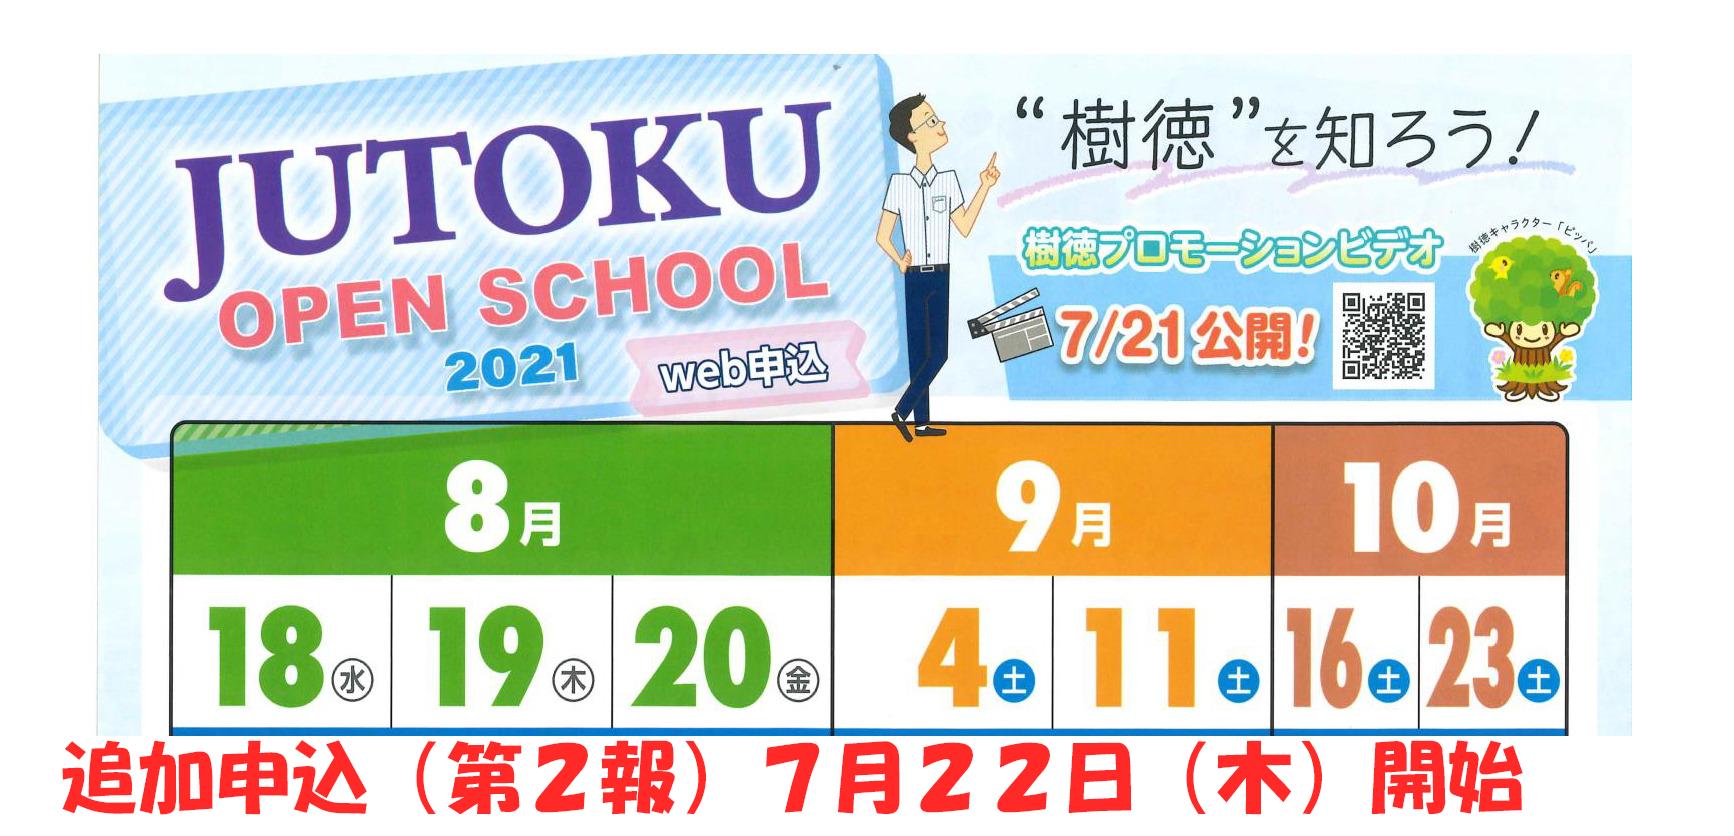 「樹徳高等学校 2021オープンスクール」追加募集(第2報)